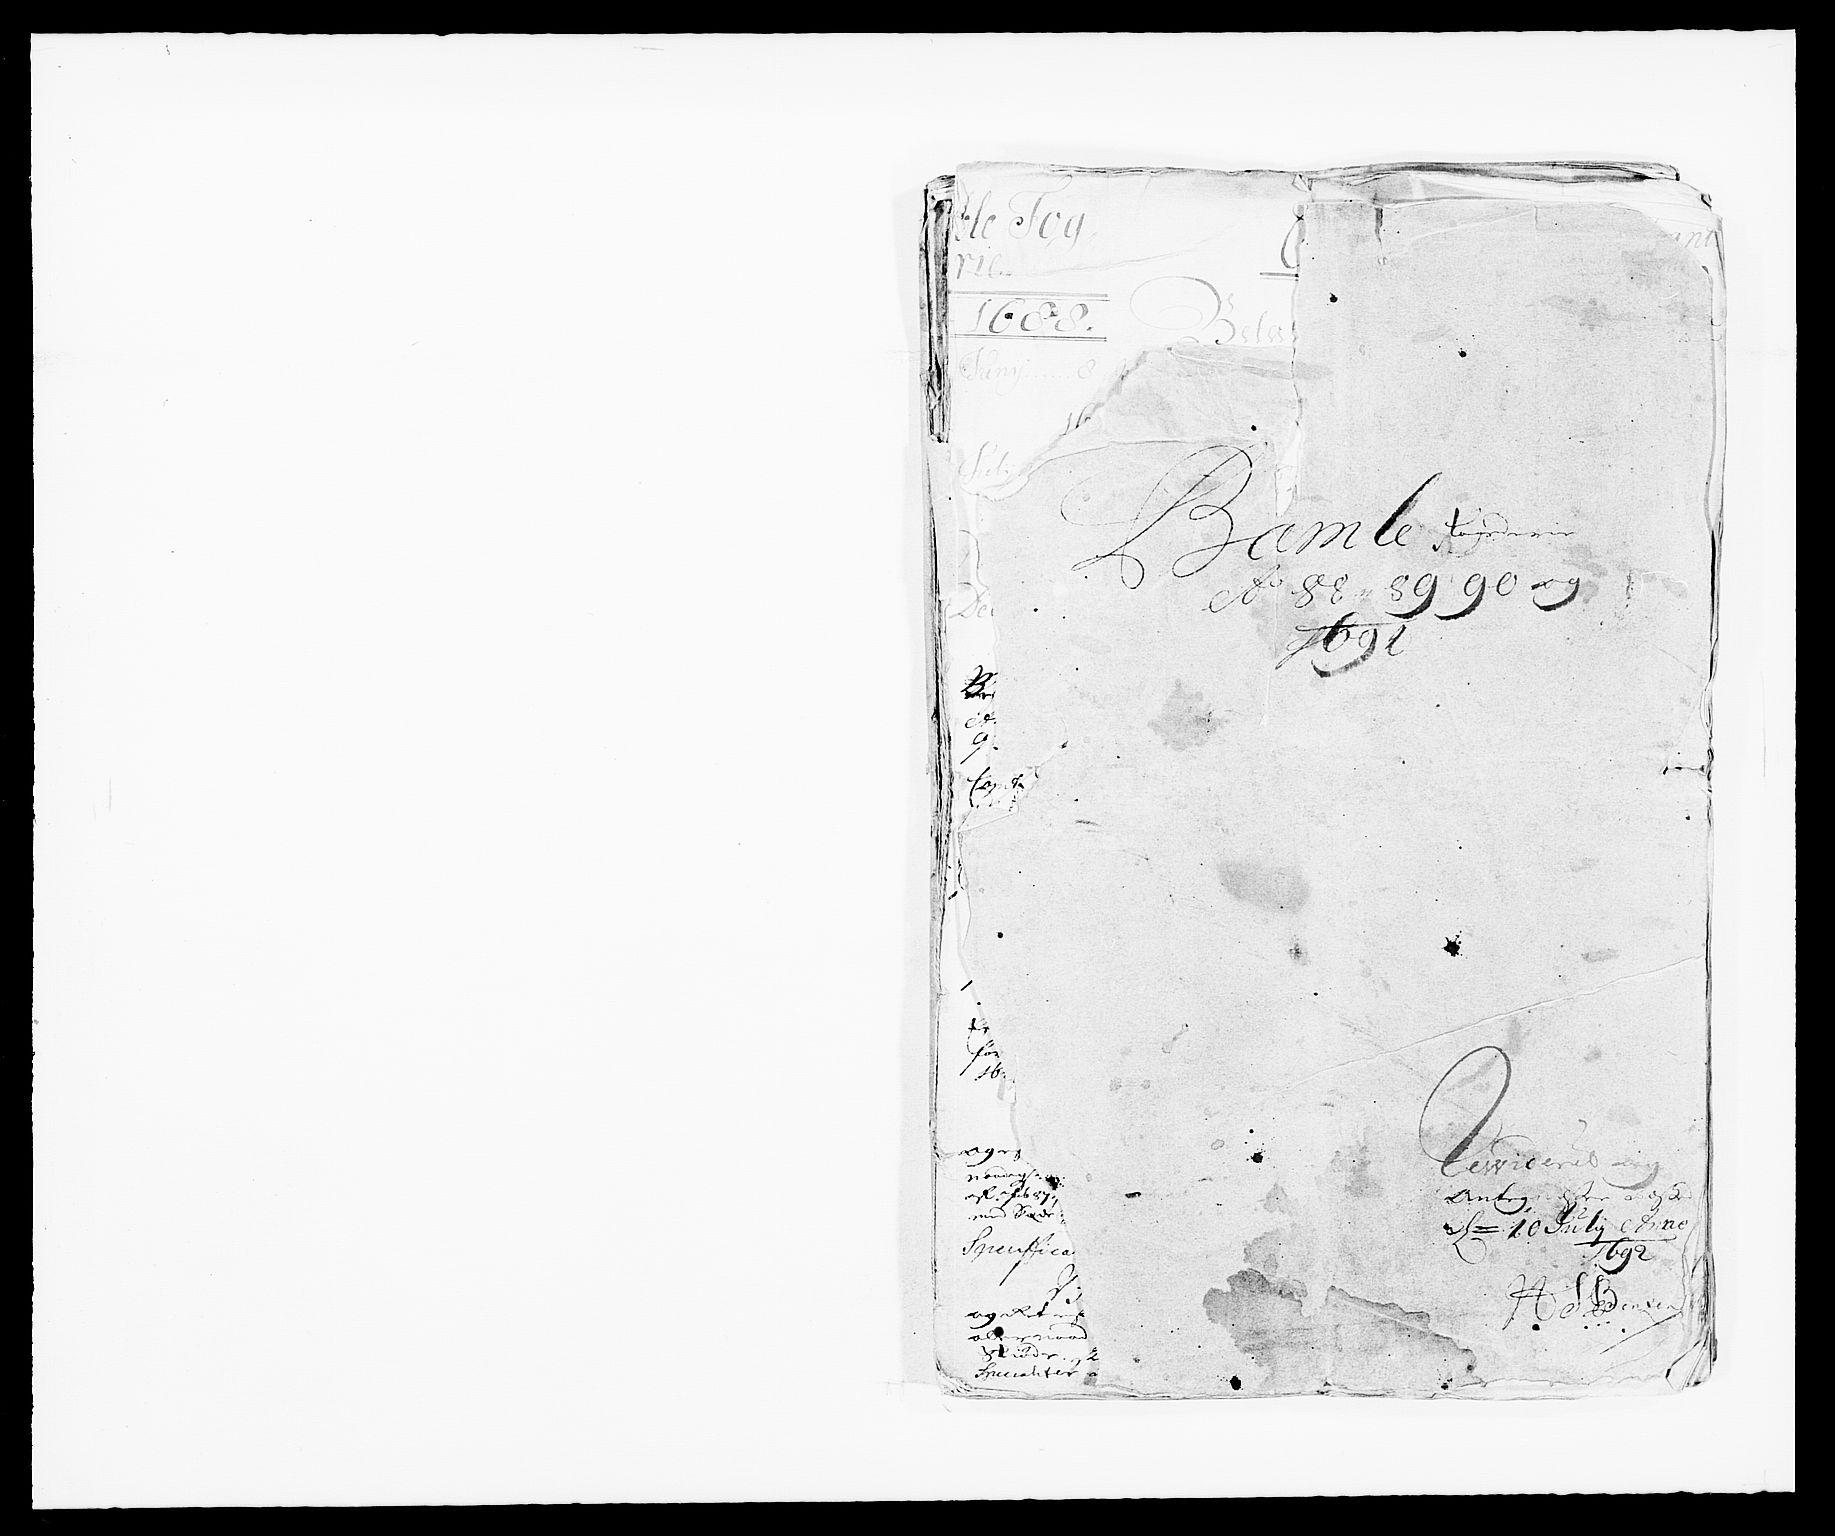 RA, Rentekammeret inntil 1814, Reviderte regnskaper, Fogderegnskap, R34/L2050: Fogderegnskap Bamble, 1688-1691, s. 1